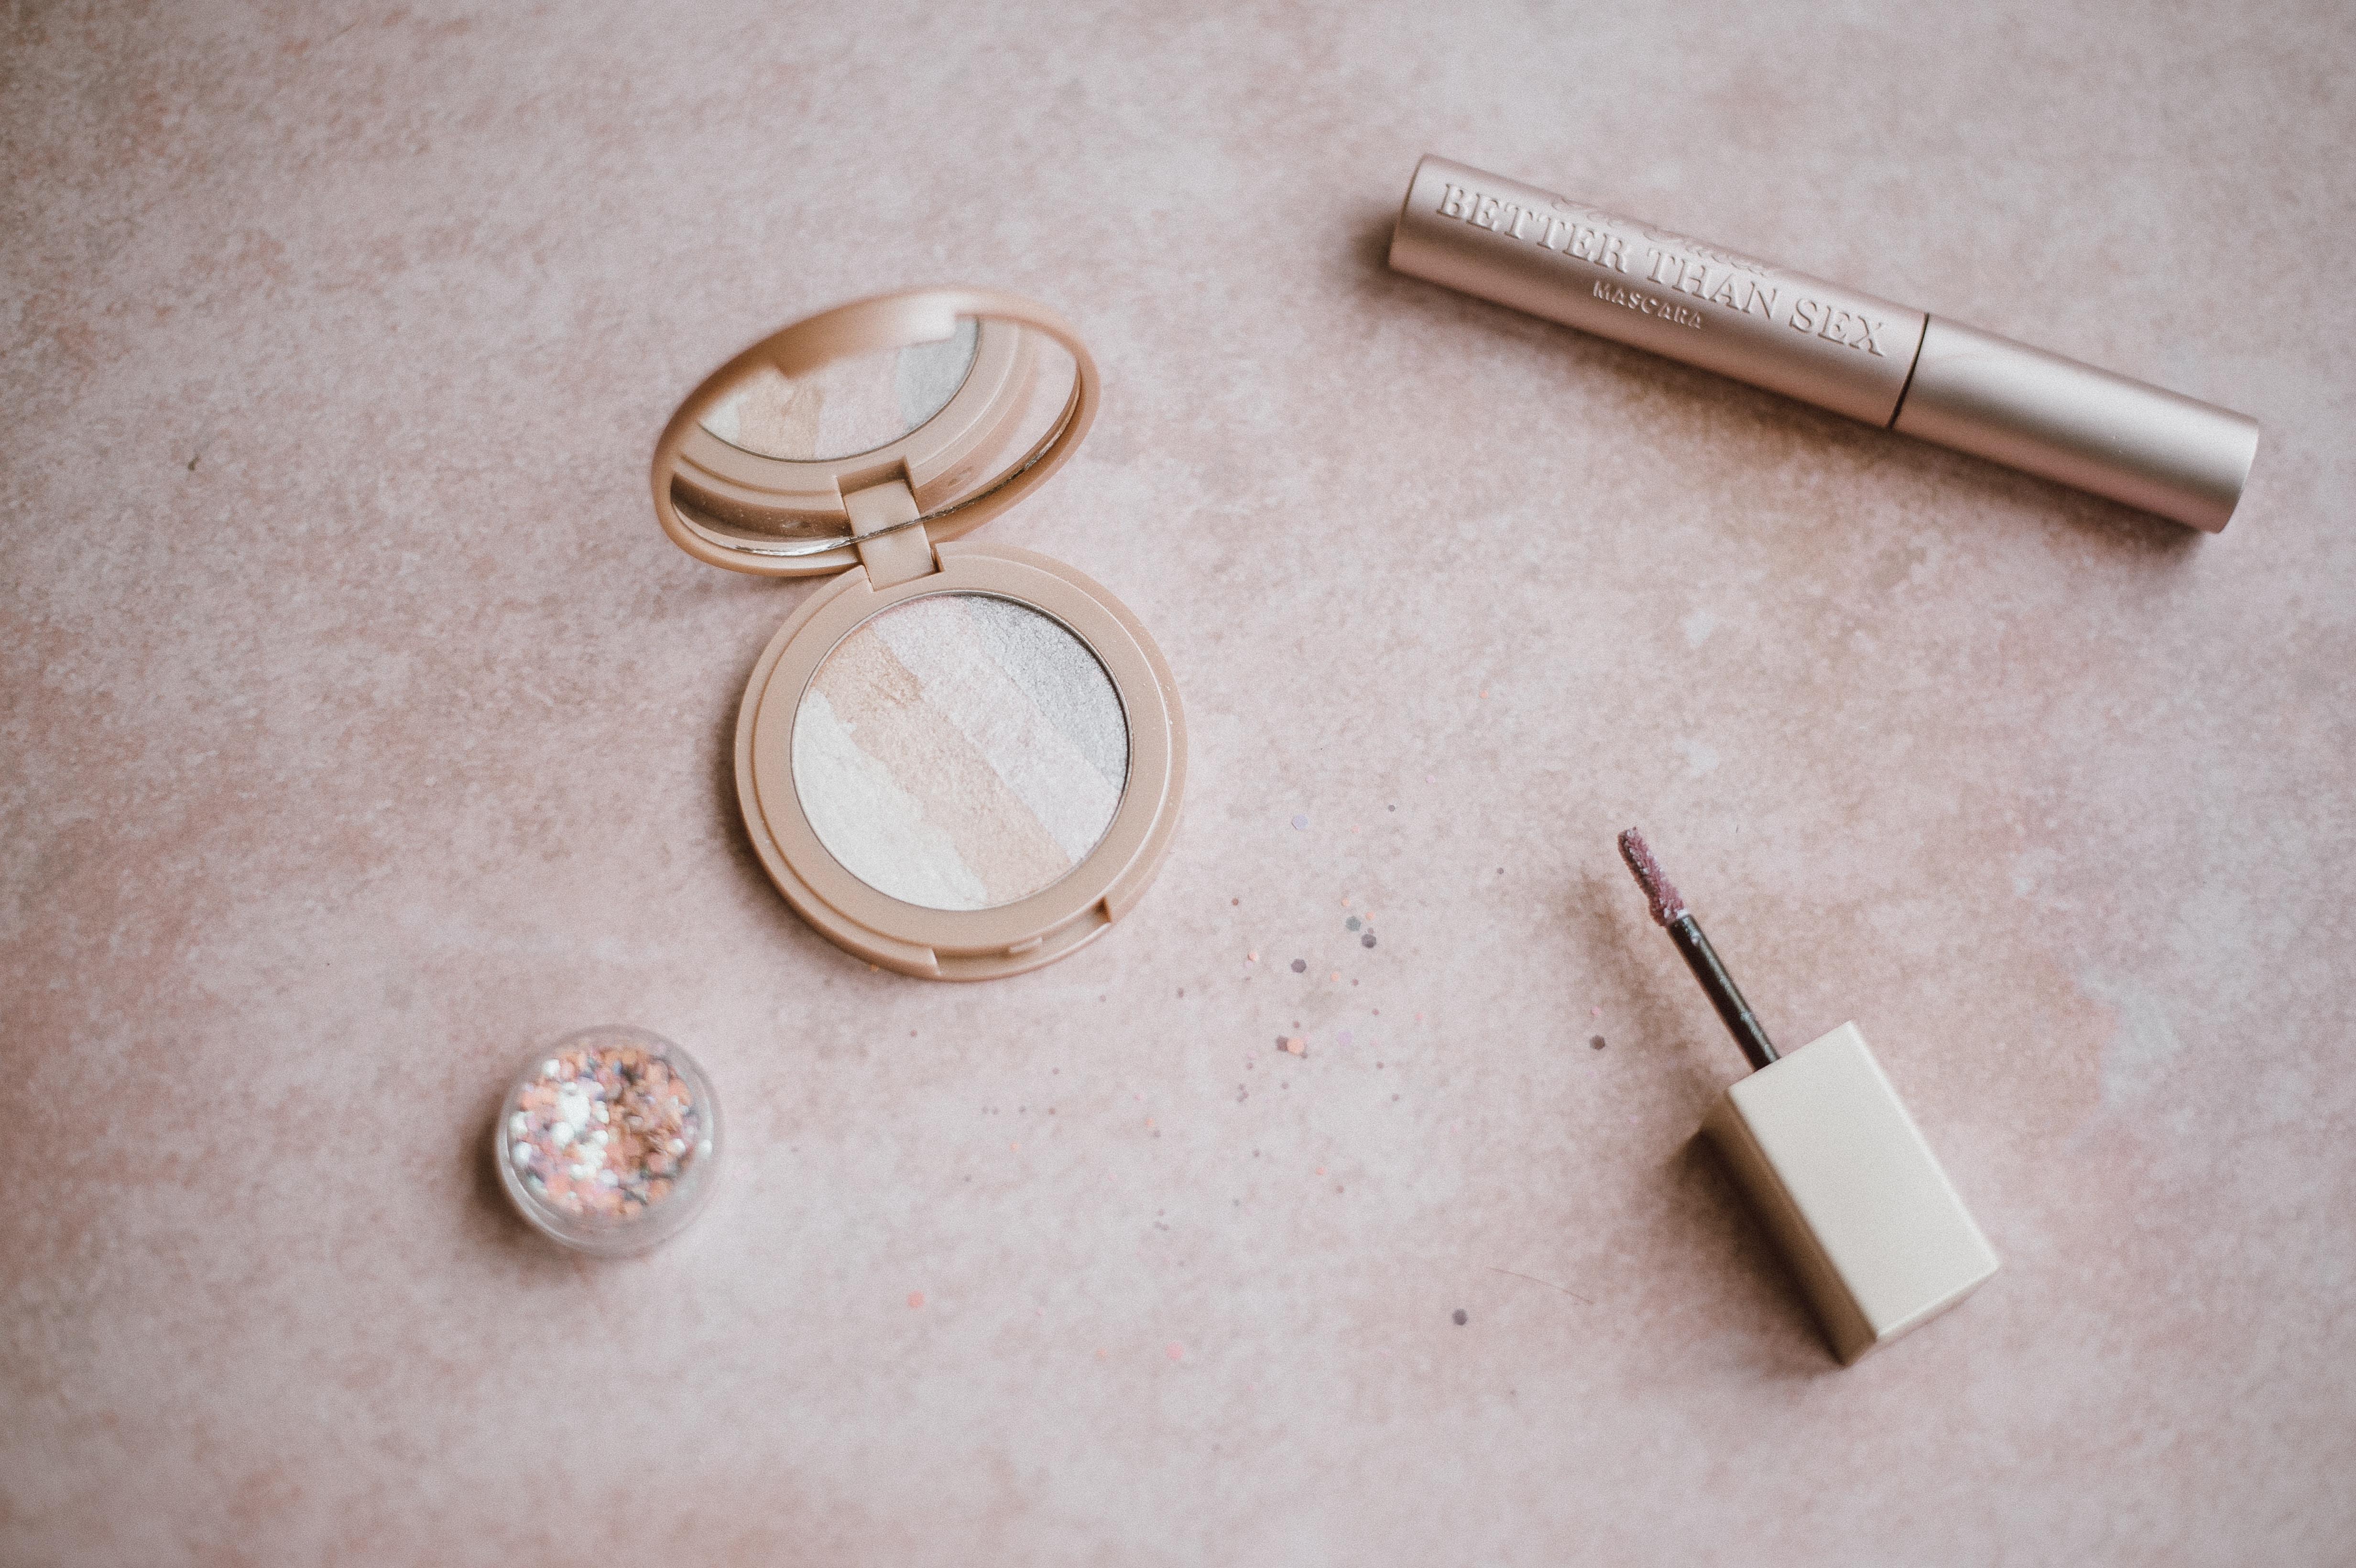 【夢占い】化粧の夢は何のサイン?化粧の夢の意味を解説